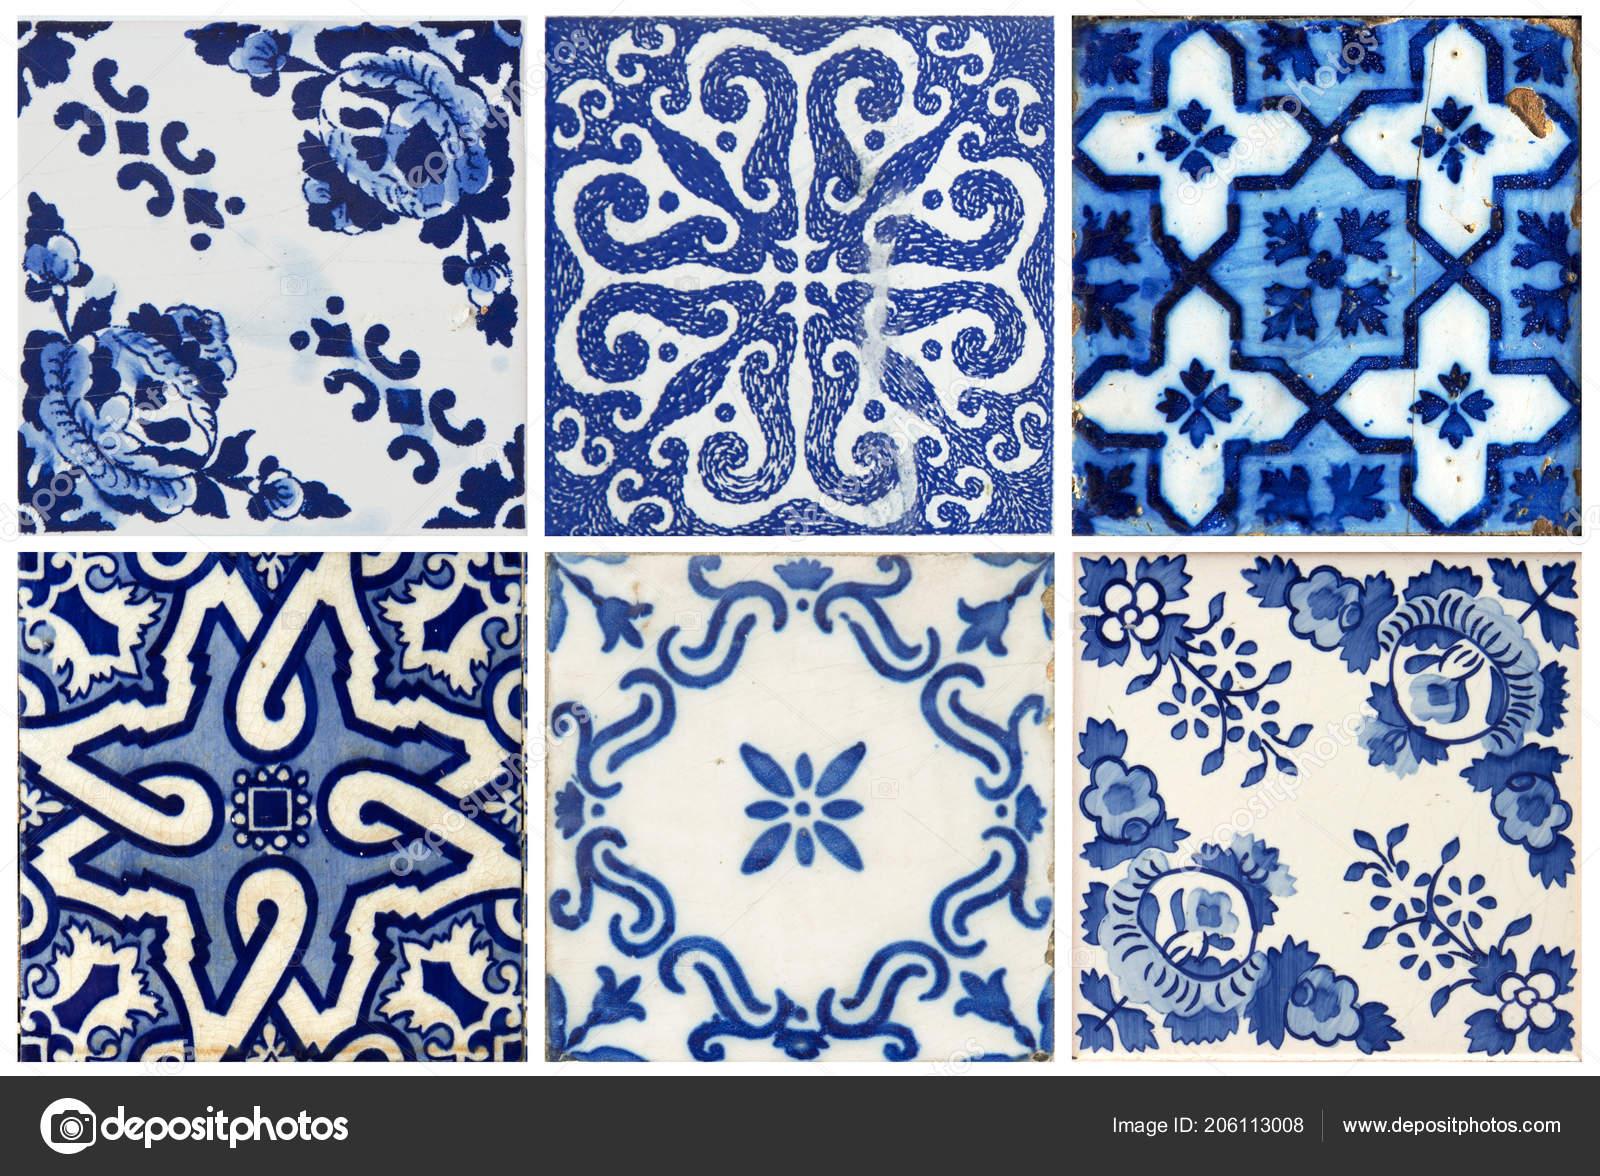 Photographe tradizionale portoghese piastrelle blu con fiori